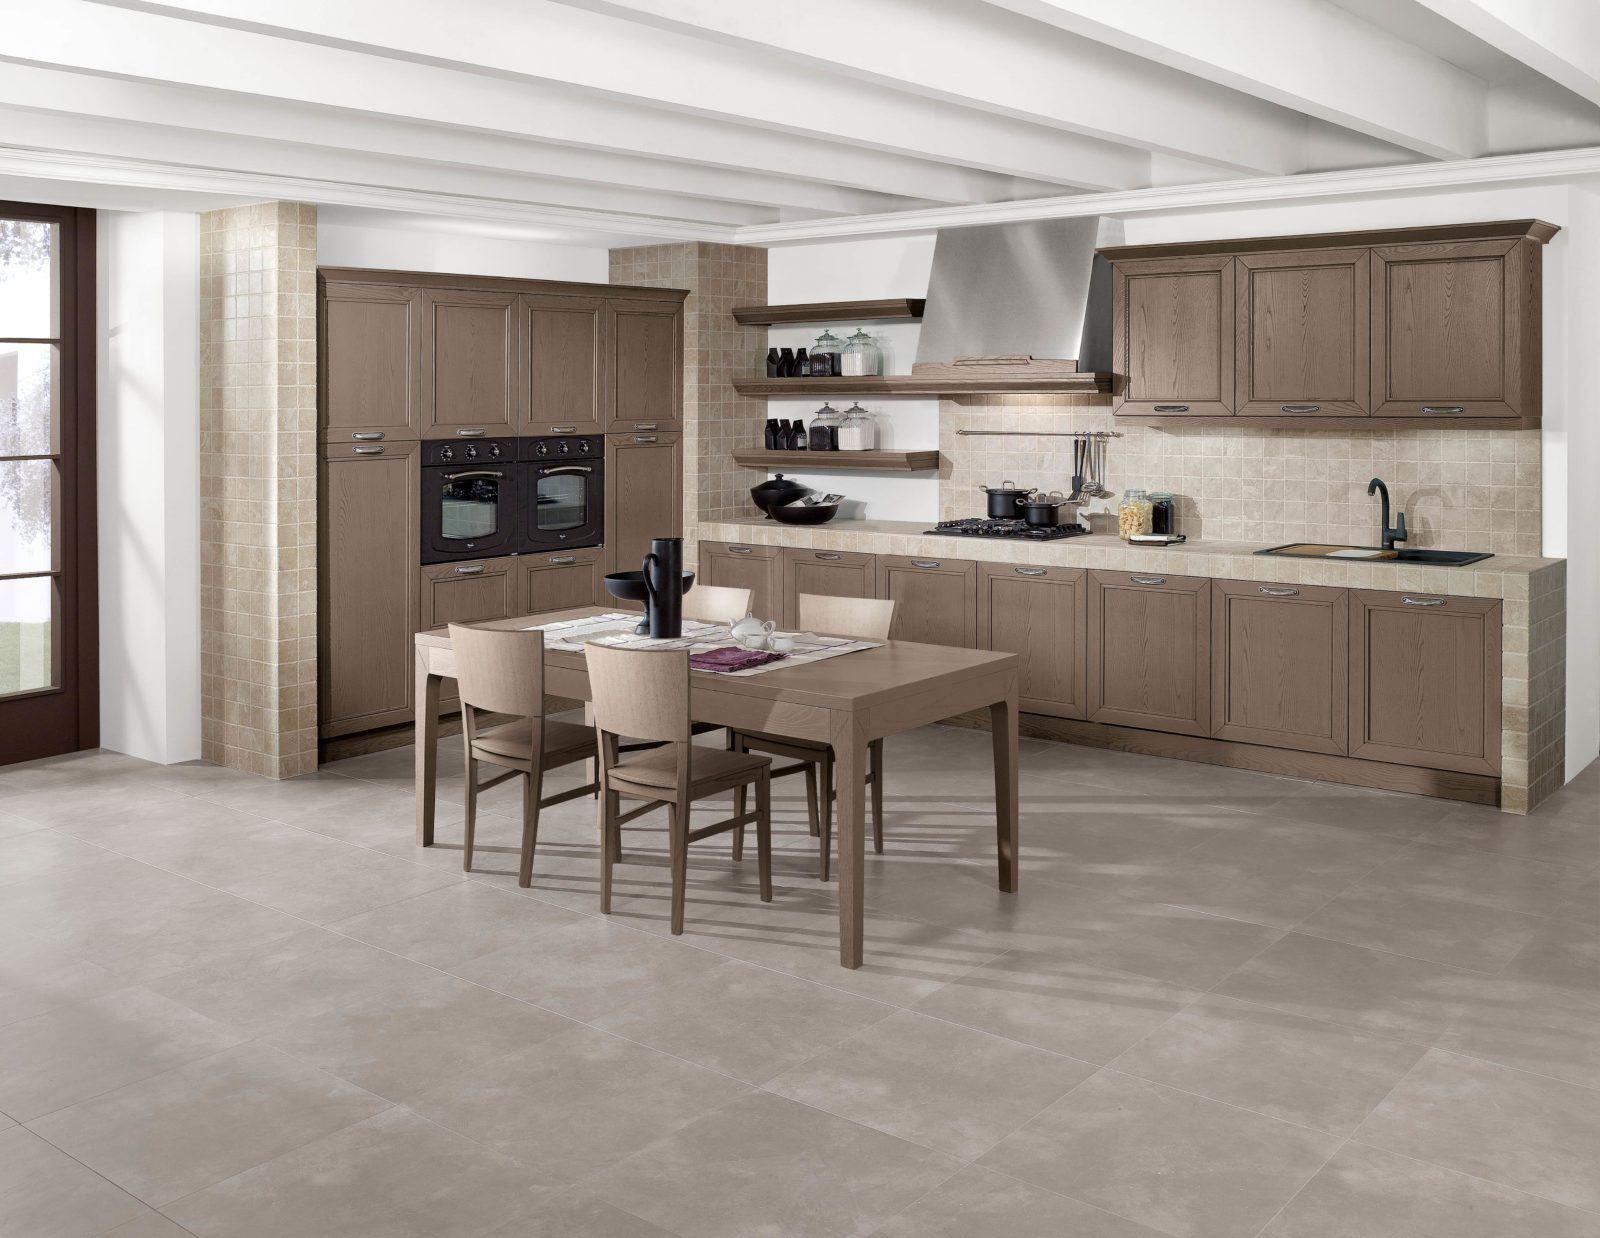 Vendita di cucine classiche a padova cucine eleganti e in for Cucine calligaris